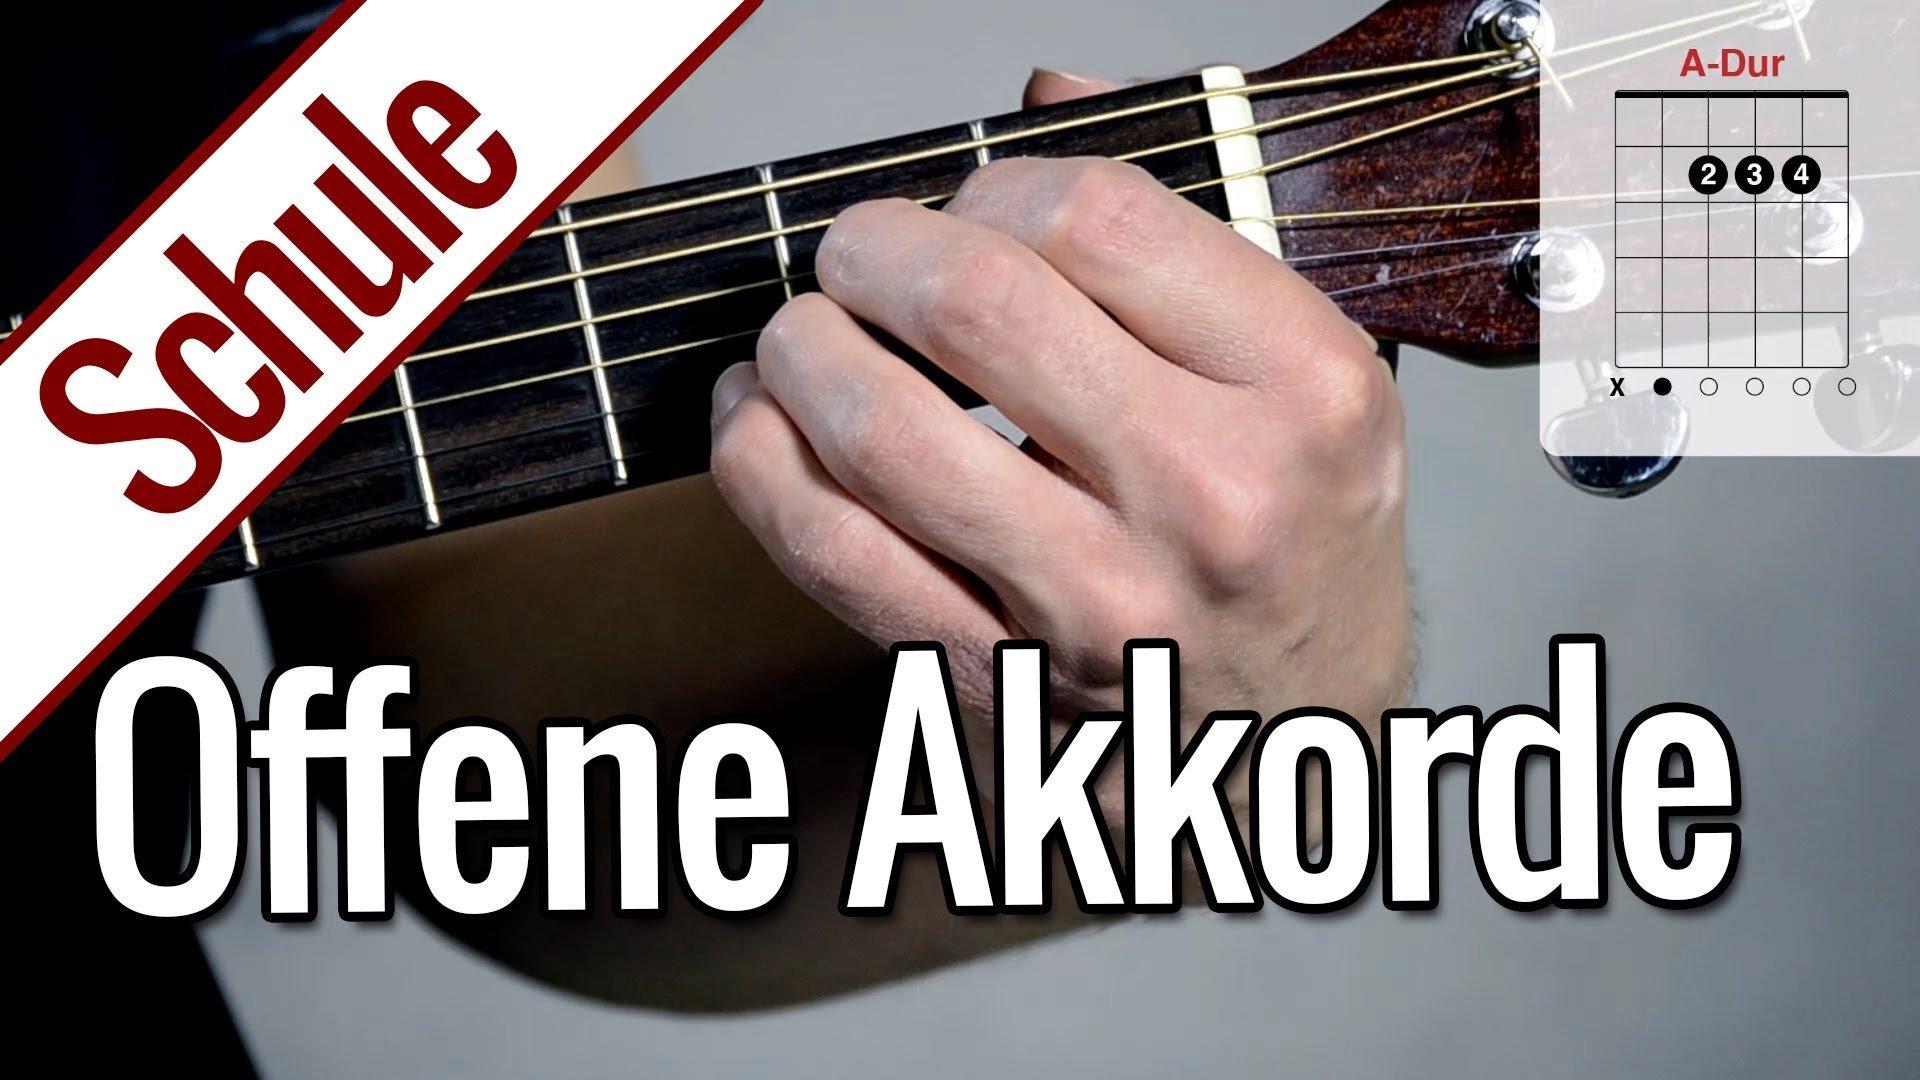 Offene Akkorde | Gitarrenschule